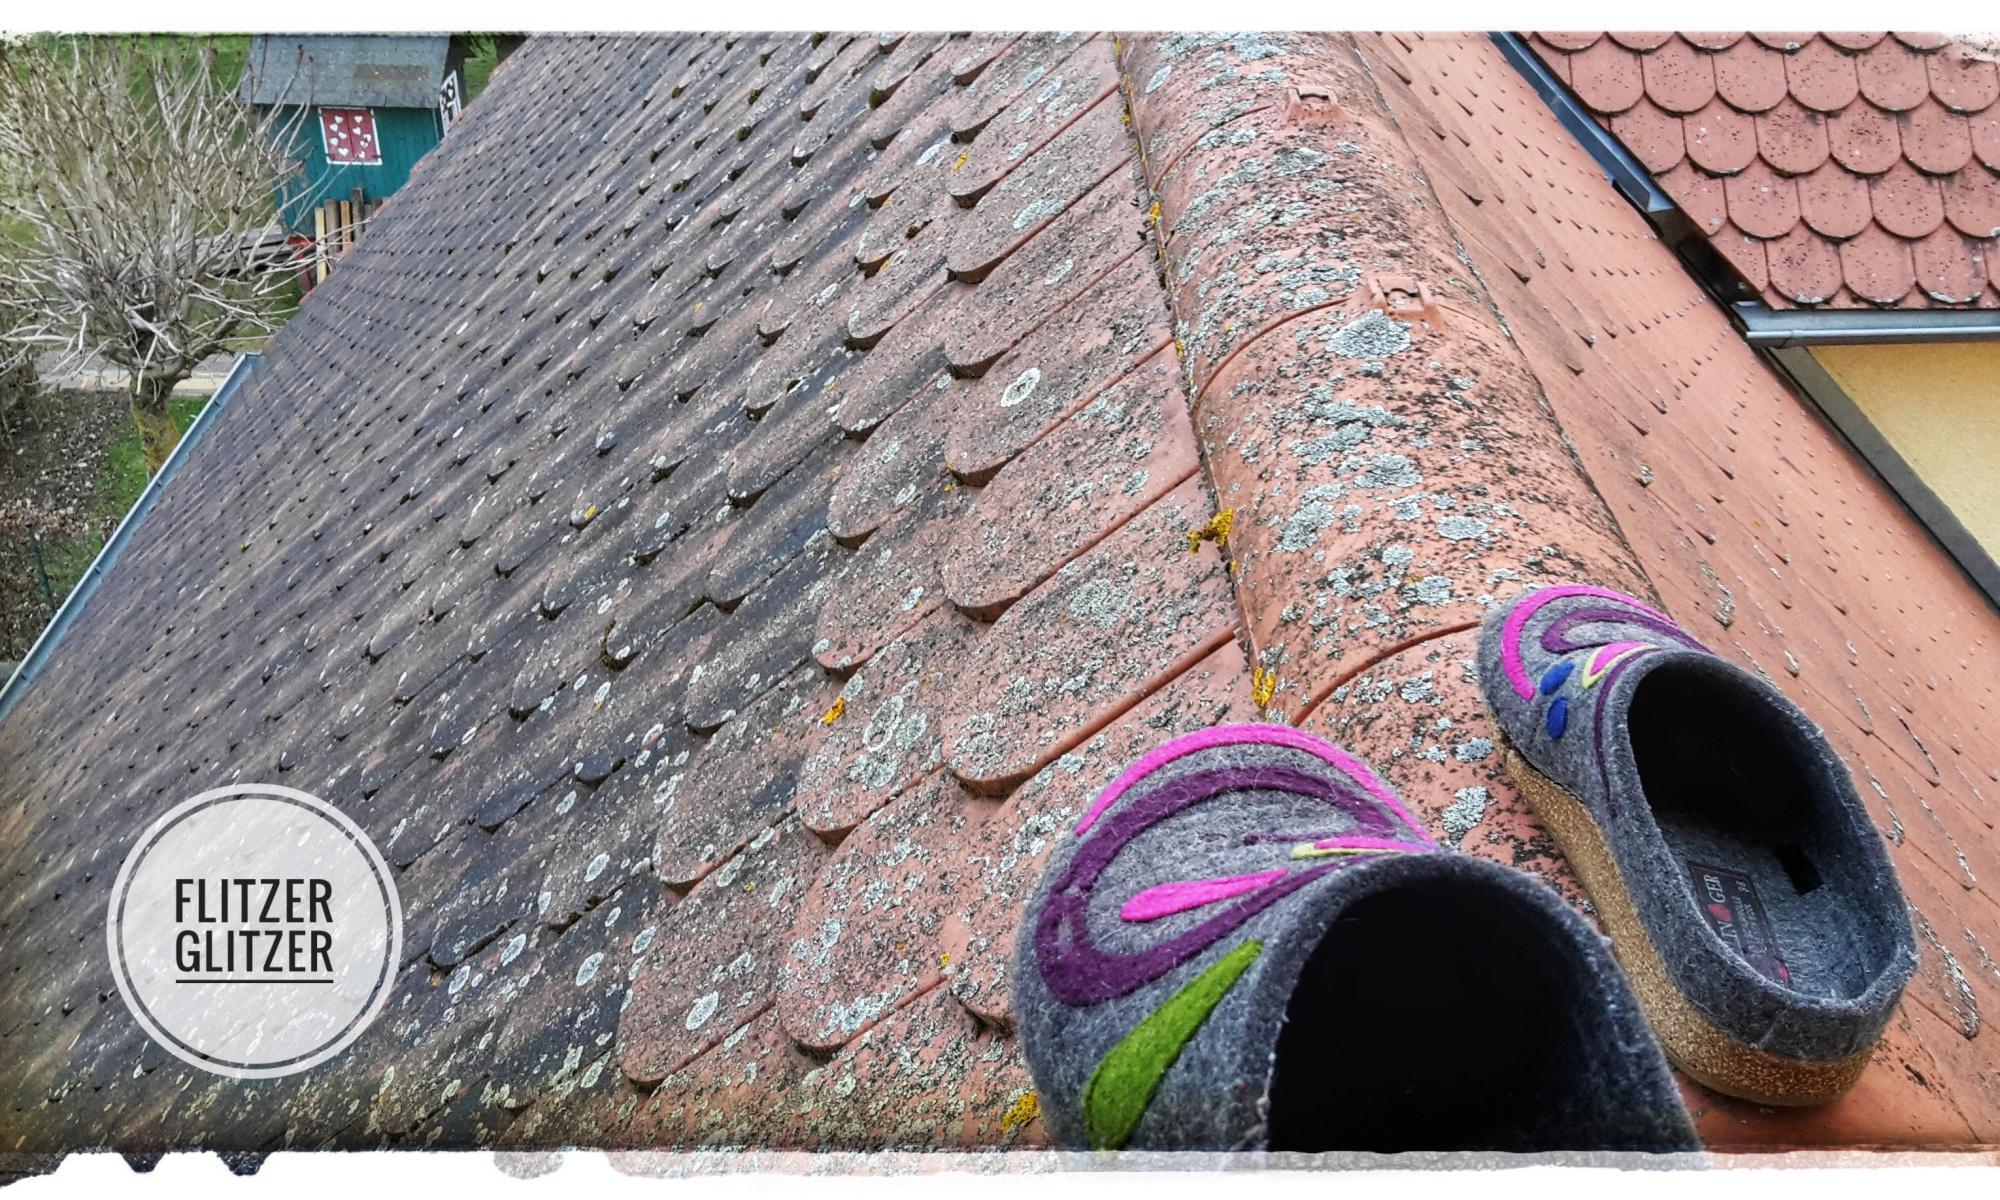 Hausschuhe auf Dachfirst